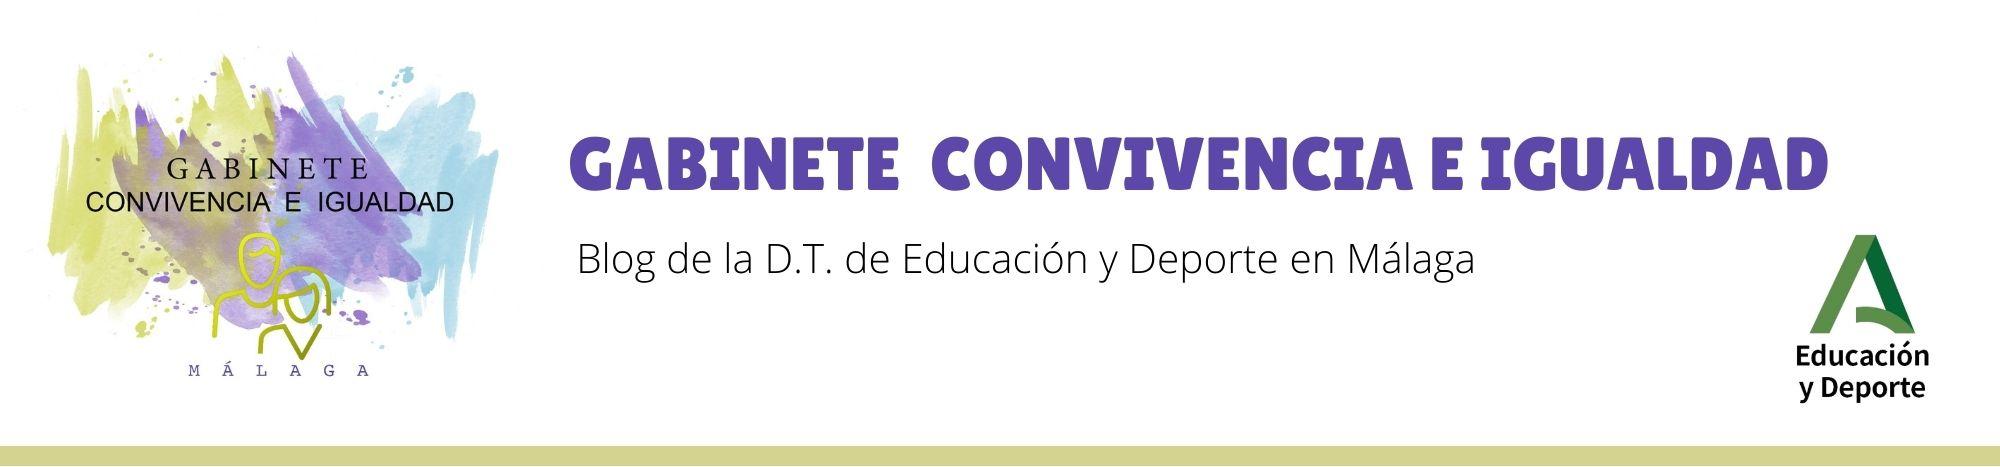 GAB. CONVIVENCIA E IGUALDAD